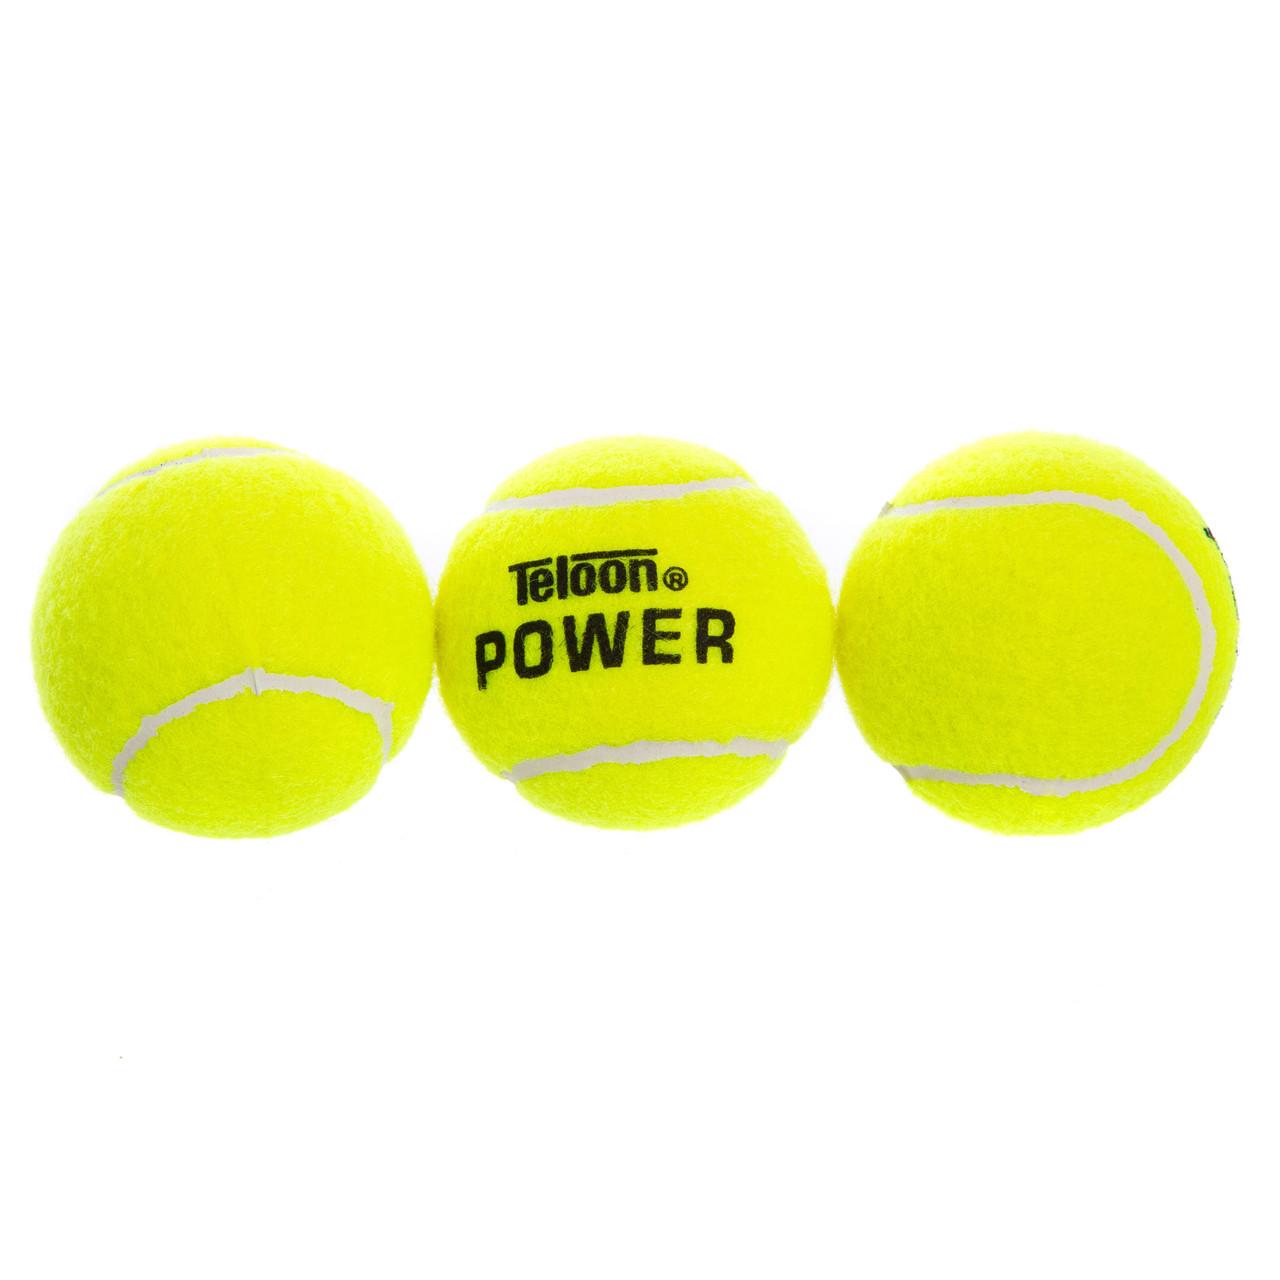 Мяч для большого тенниса TELOON (3шт) POWER (в вакуумной упаковке, салатовый)